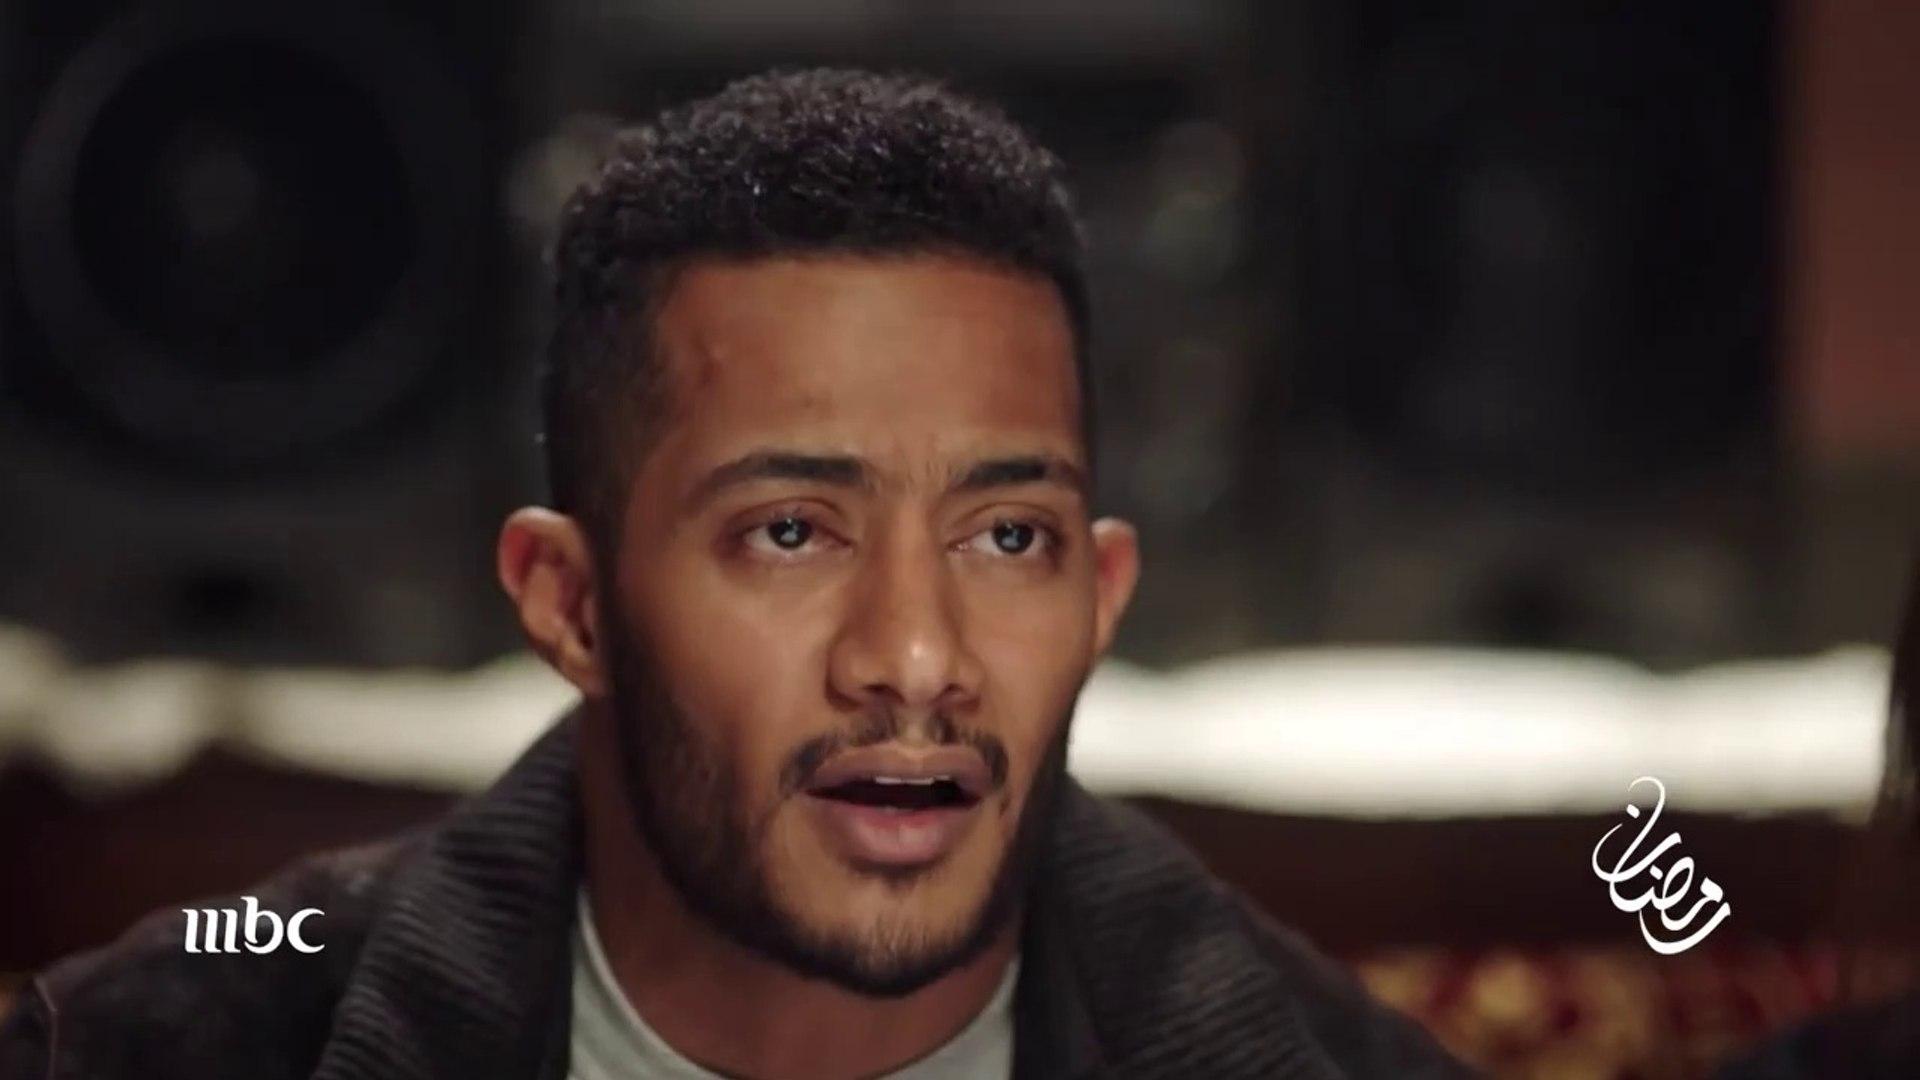 مسلسل البرنس الحلقة 1 الاولى رمضان 2020